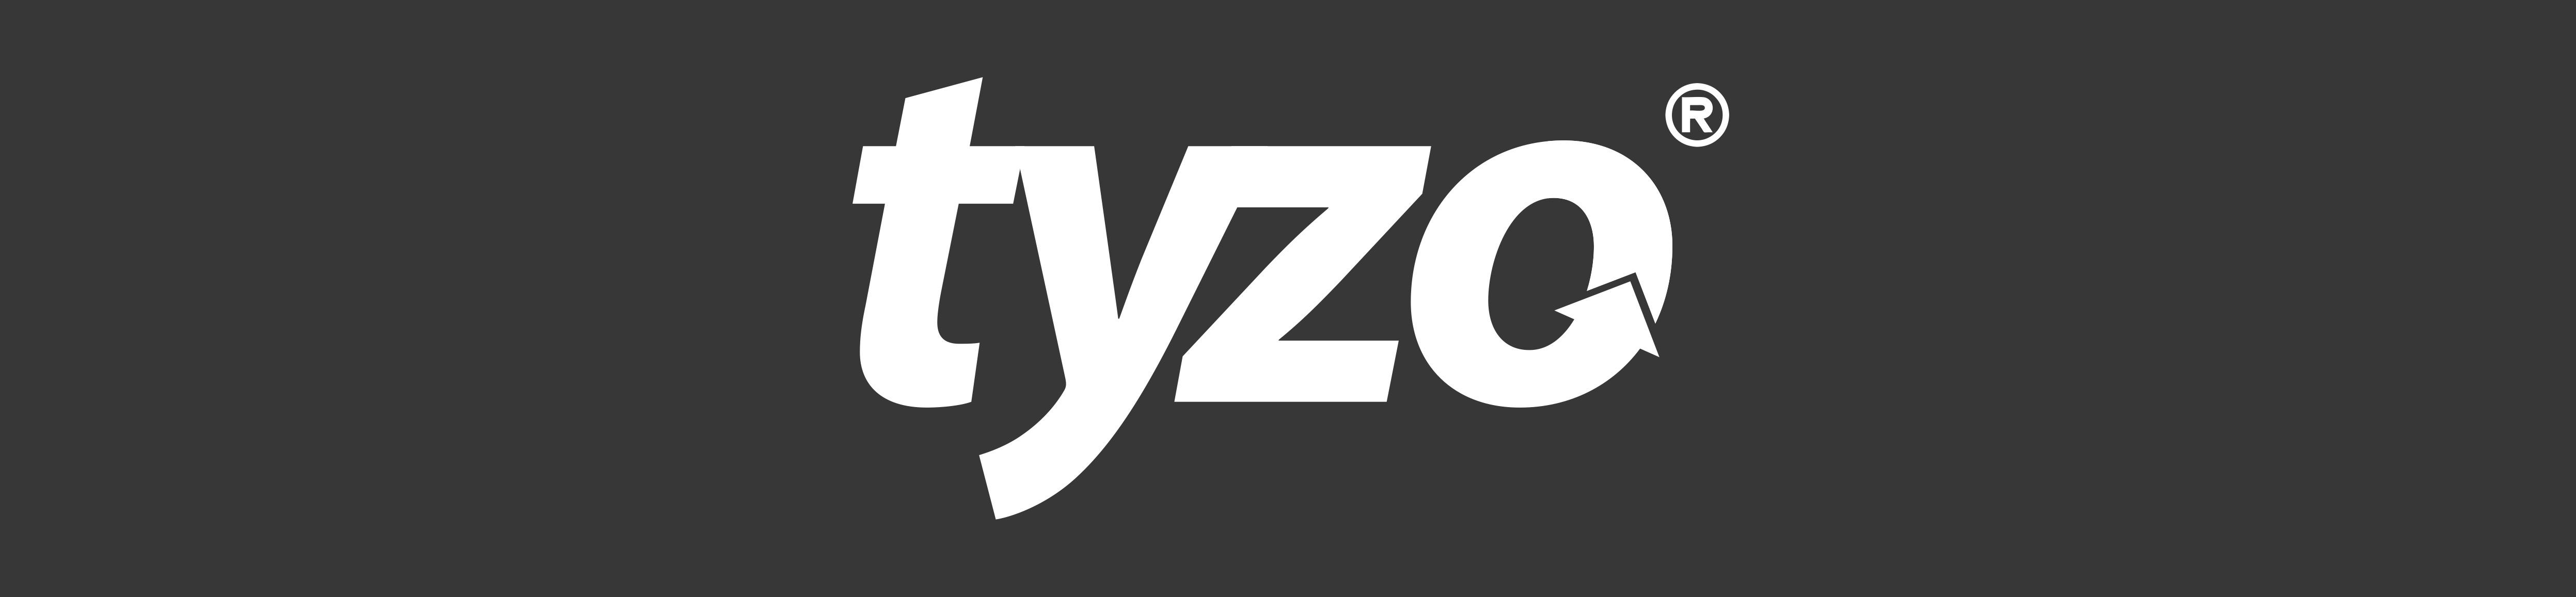 TYZO Sdn Bhd - Outlet